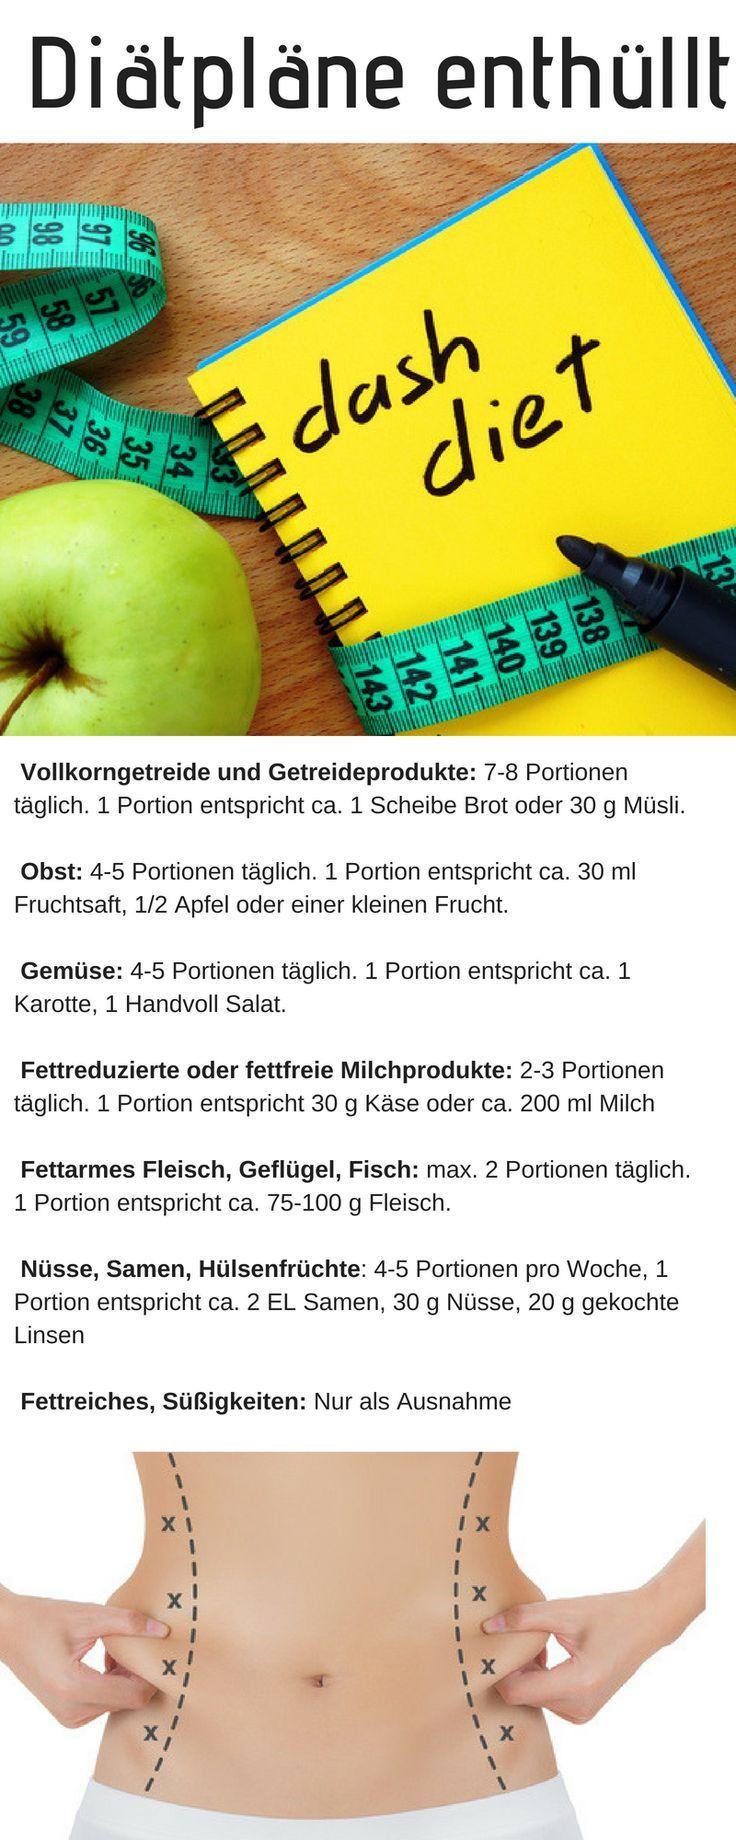 Diäten zum Abnehmen in einer Woche 4 Kilo entsprechen